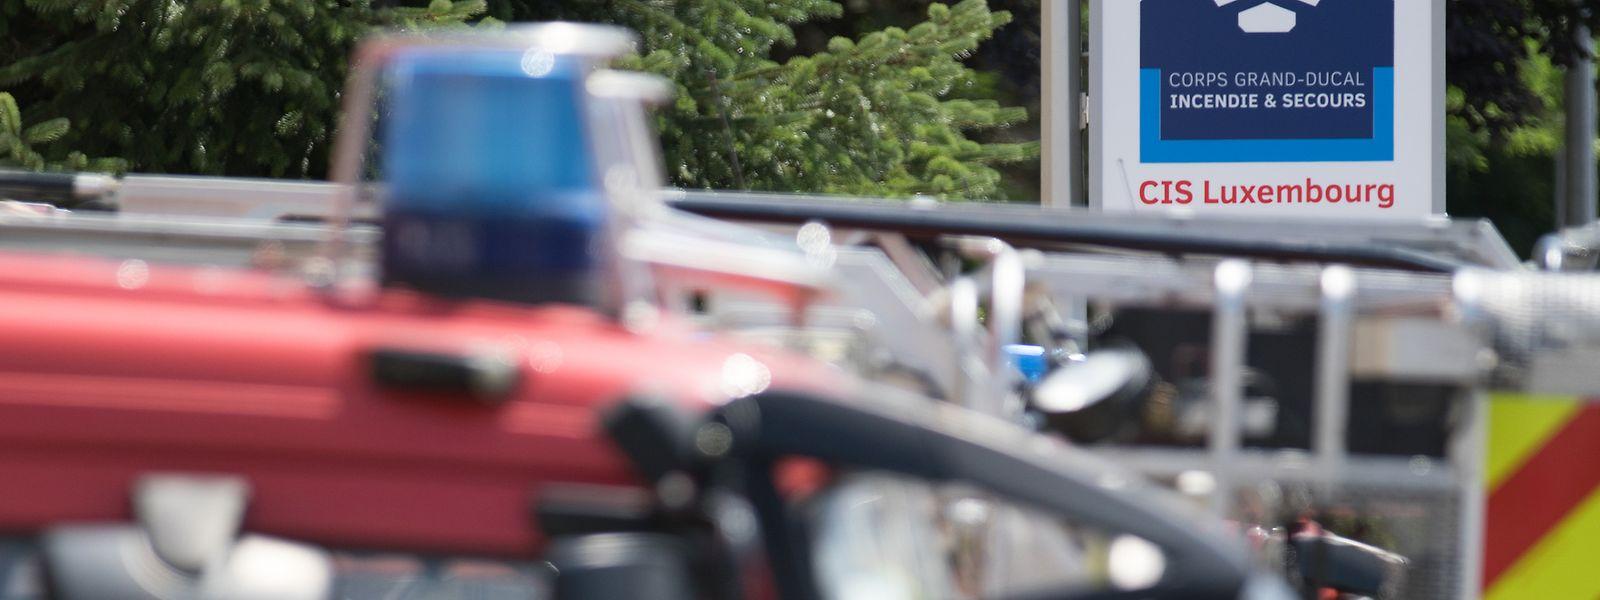 Le pays compte actuellement 488 sapeurs professionnels et 3.950 pompiers bénévoles.